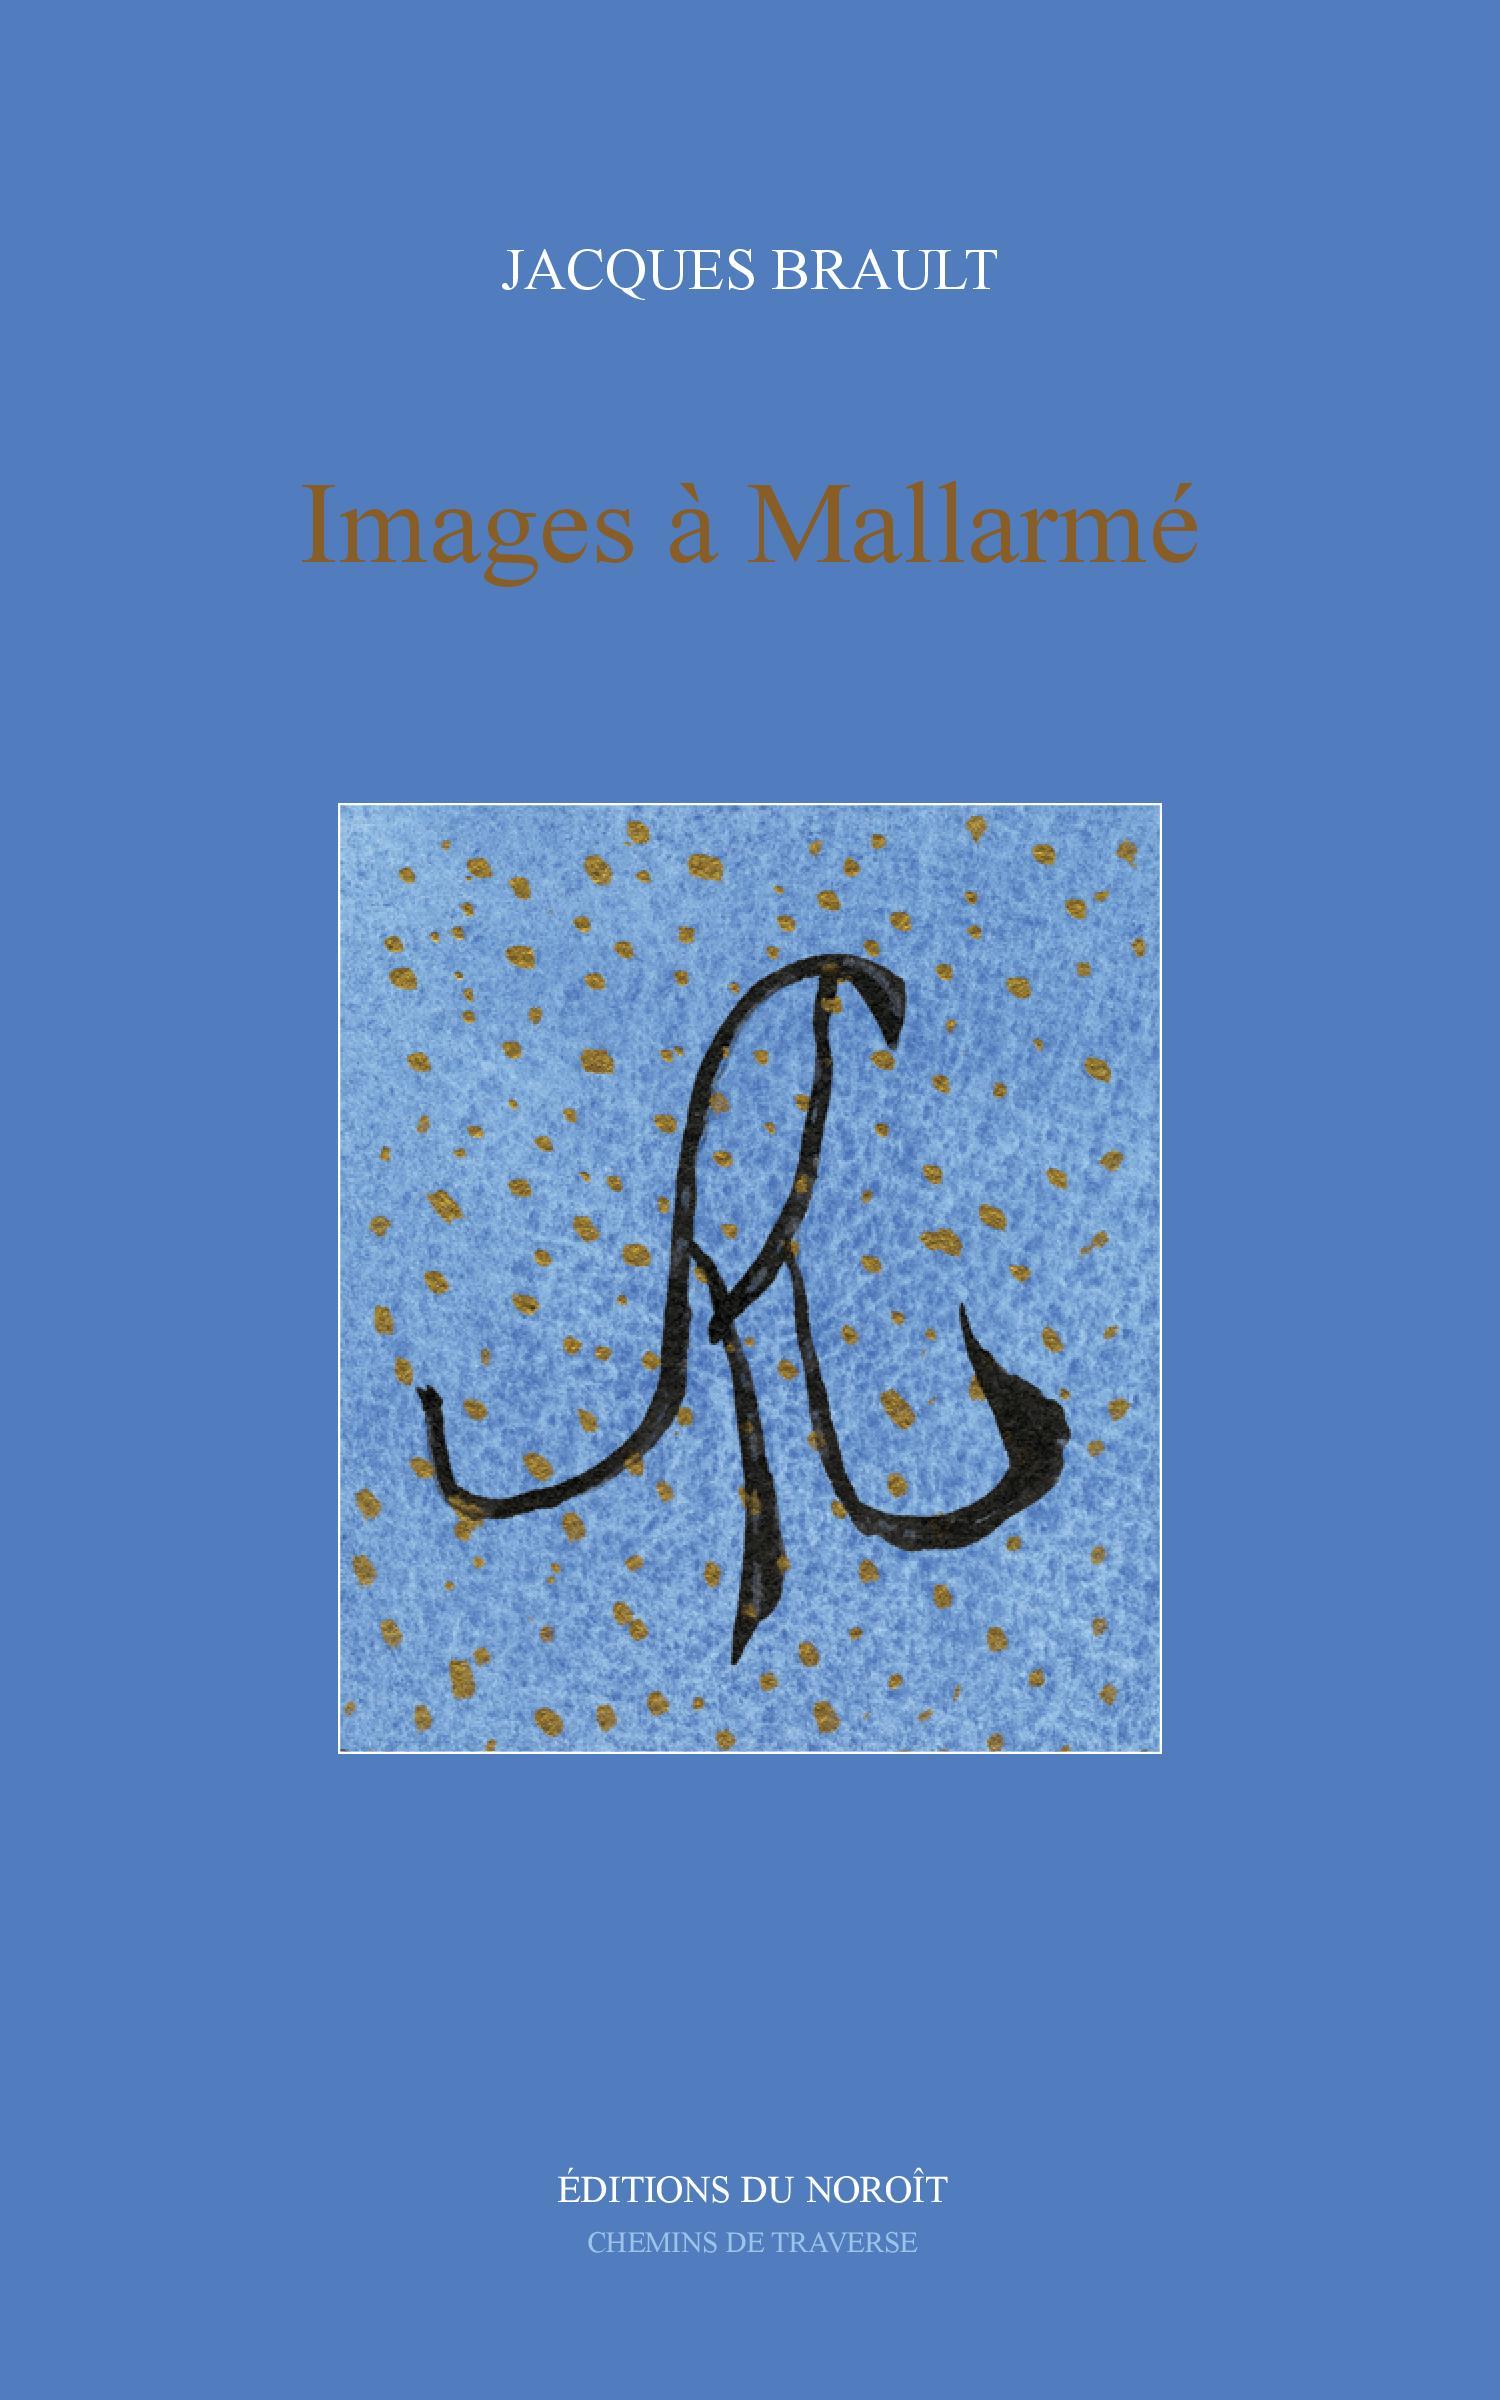 Images à Mallarmé